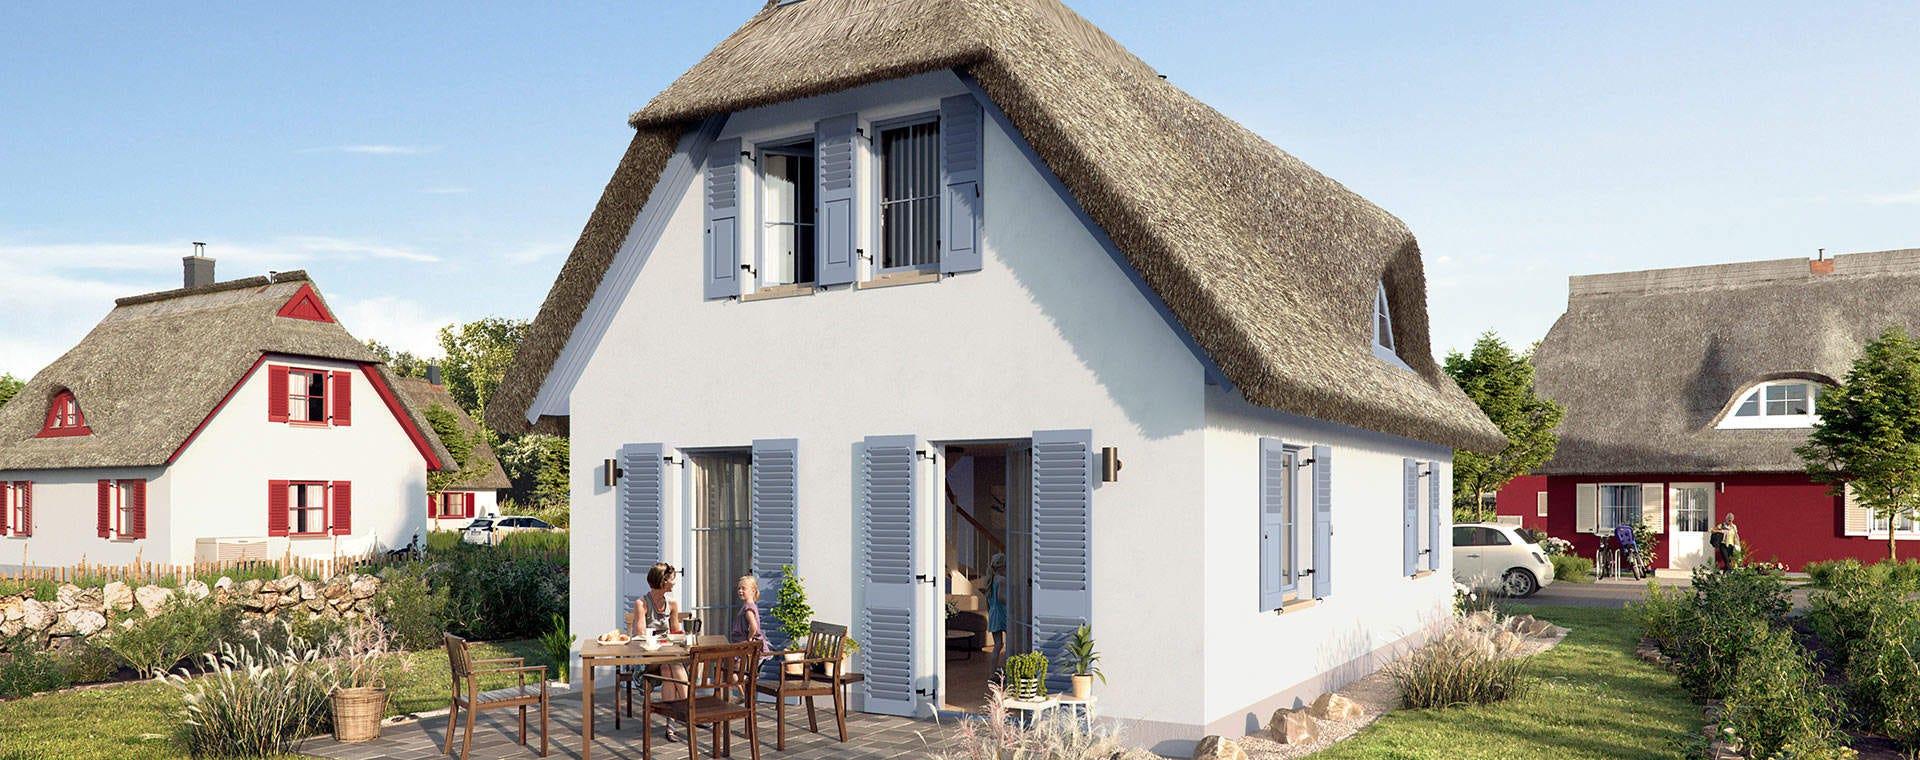 Ferienhaus Julianadorp Kaufen